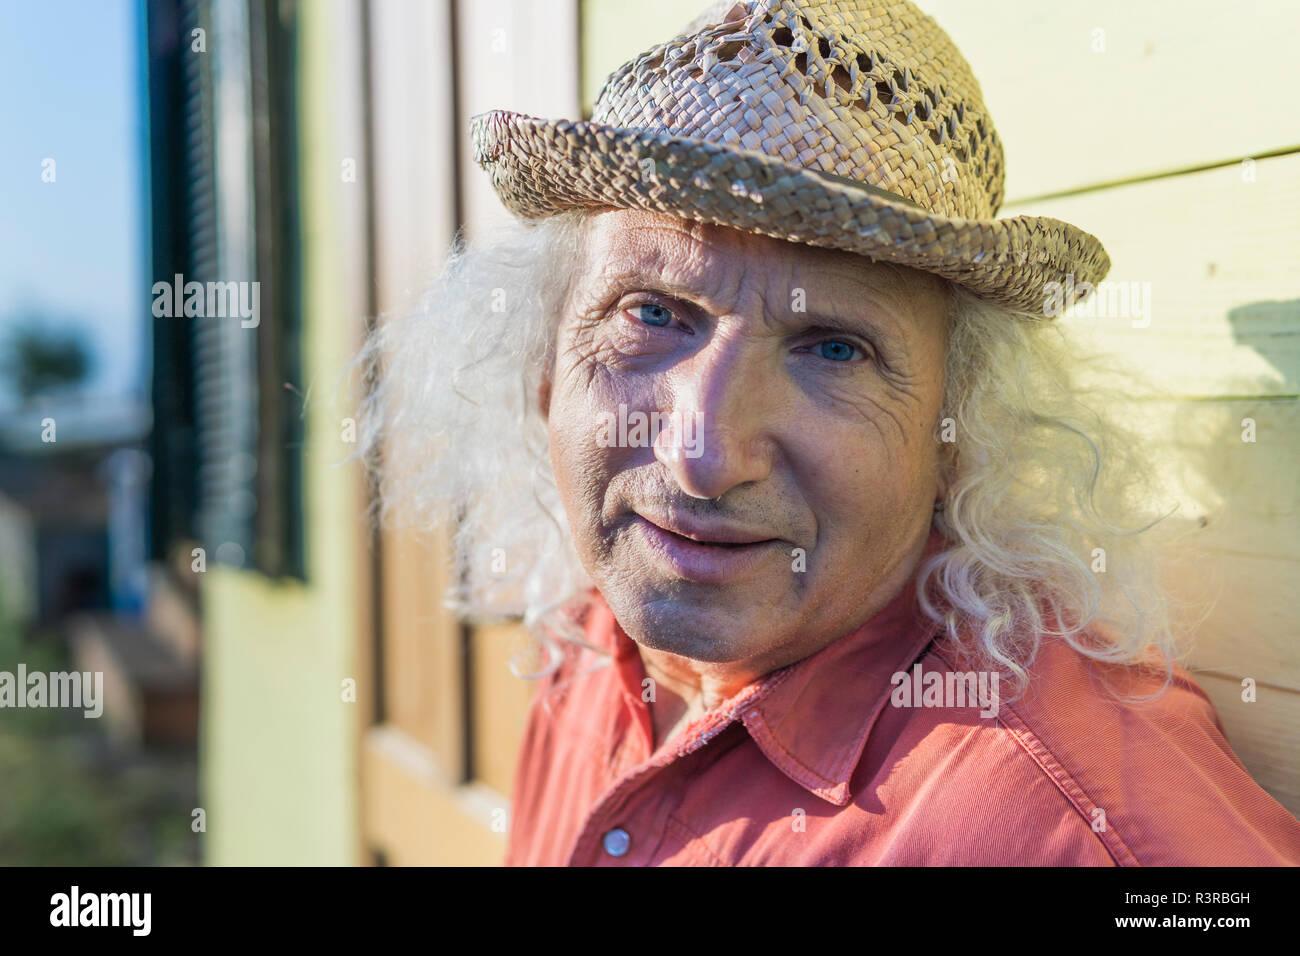 Ritratto di uomo anziano con lunghi capelli grigi che indossa cappello di  paglia Immagini Stock a010725ba1f0